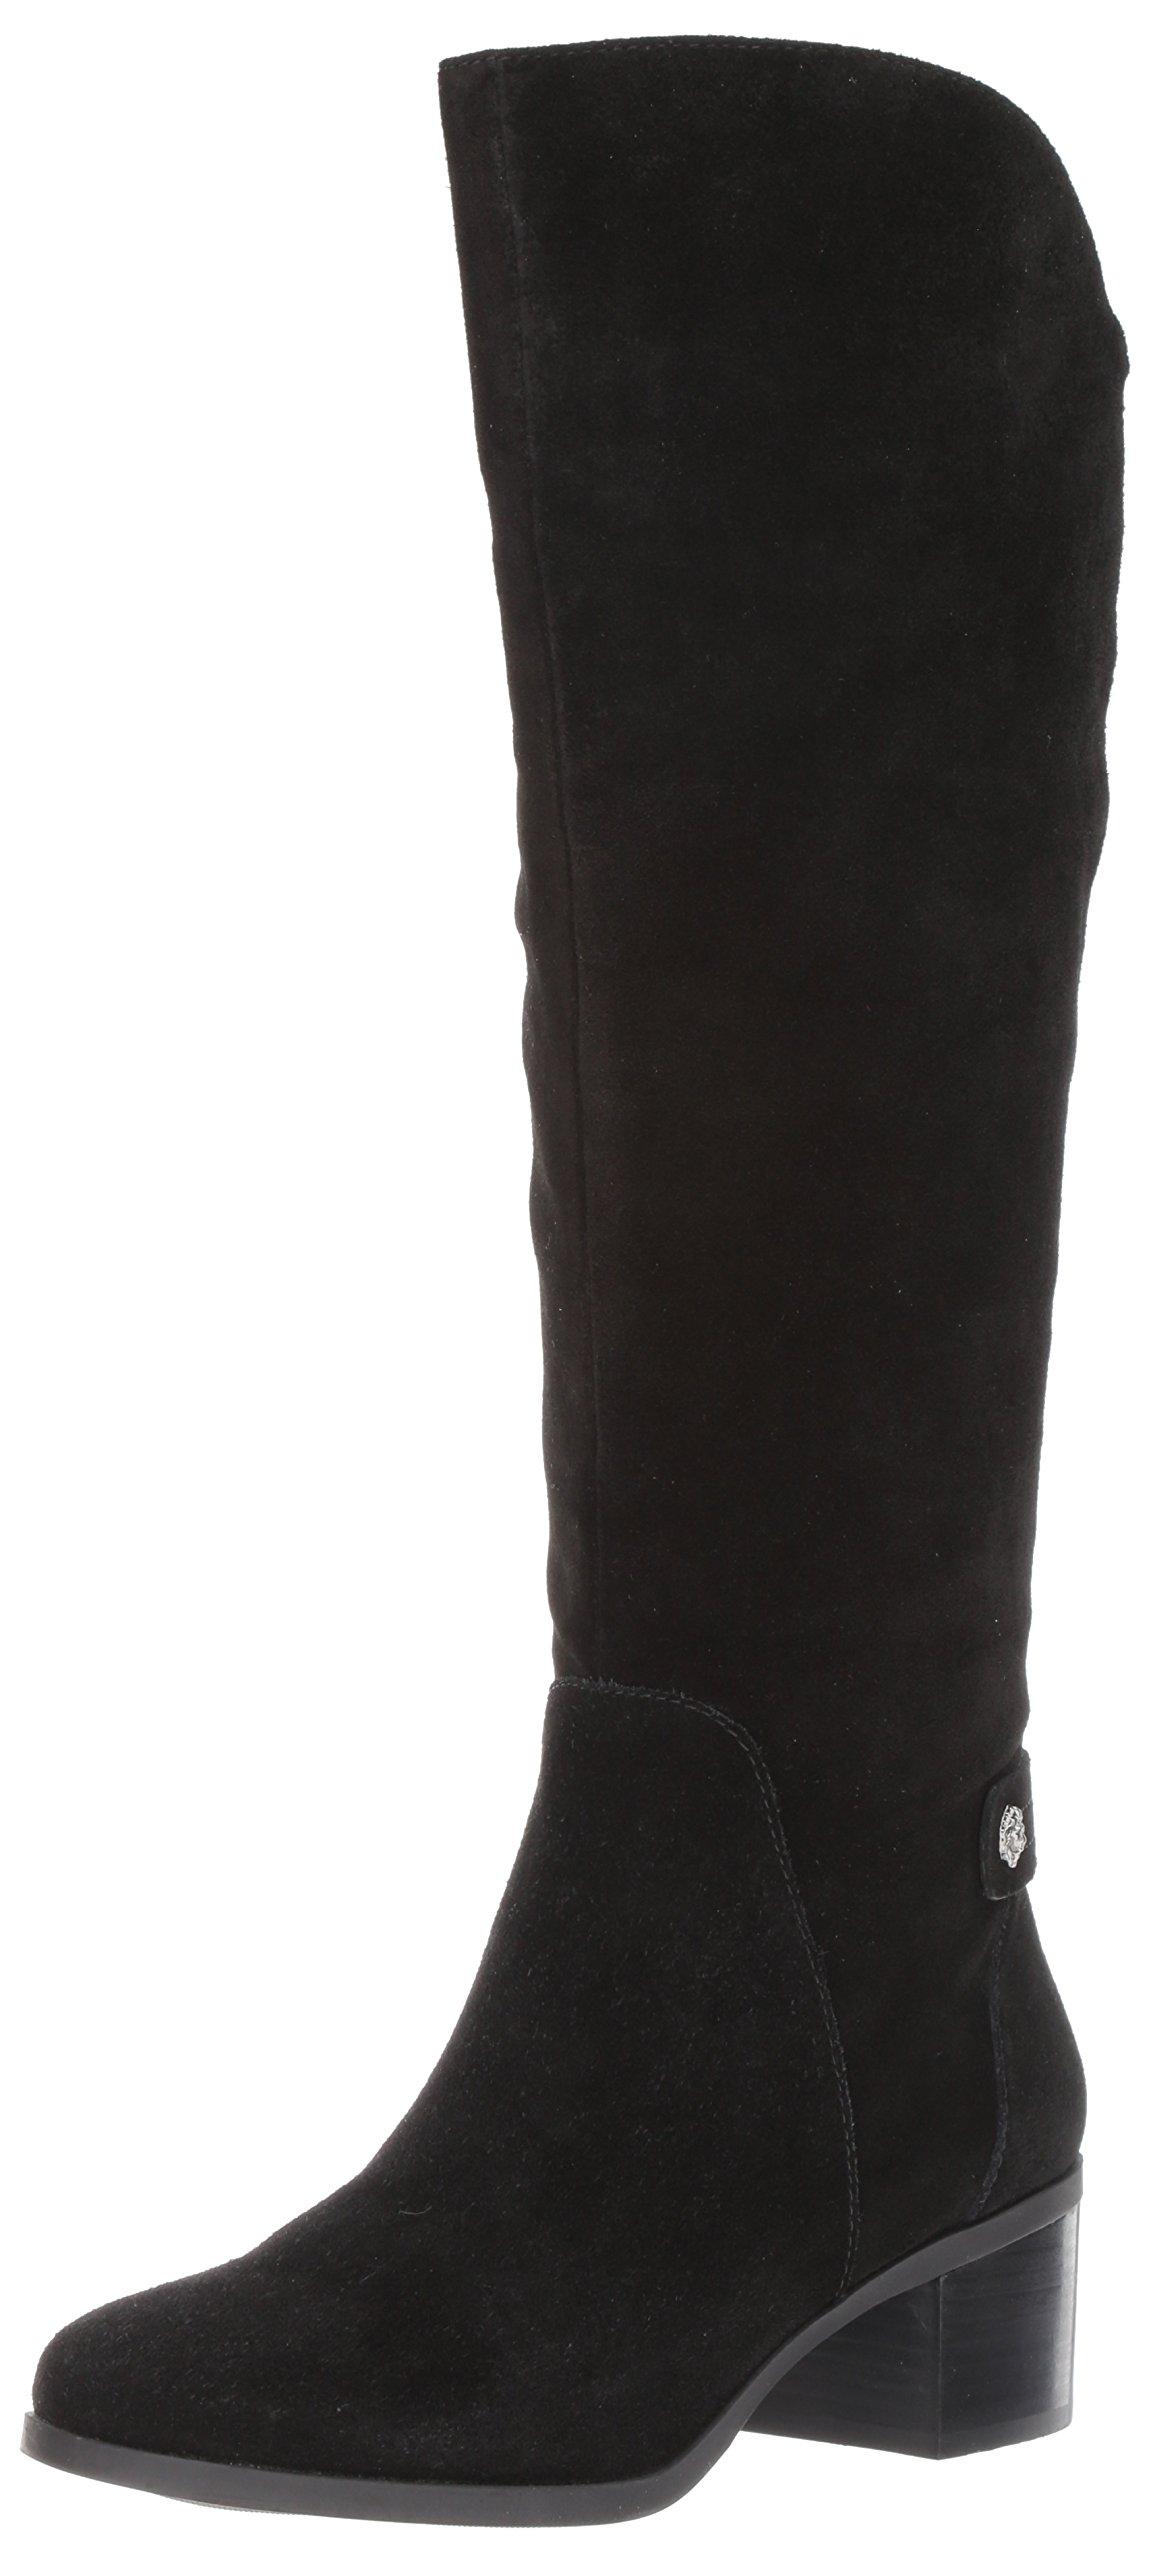 Anne Klein Women's Jela Suede Fashion Boot, Black Suede, 8 M US